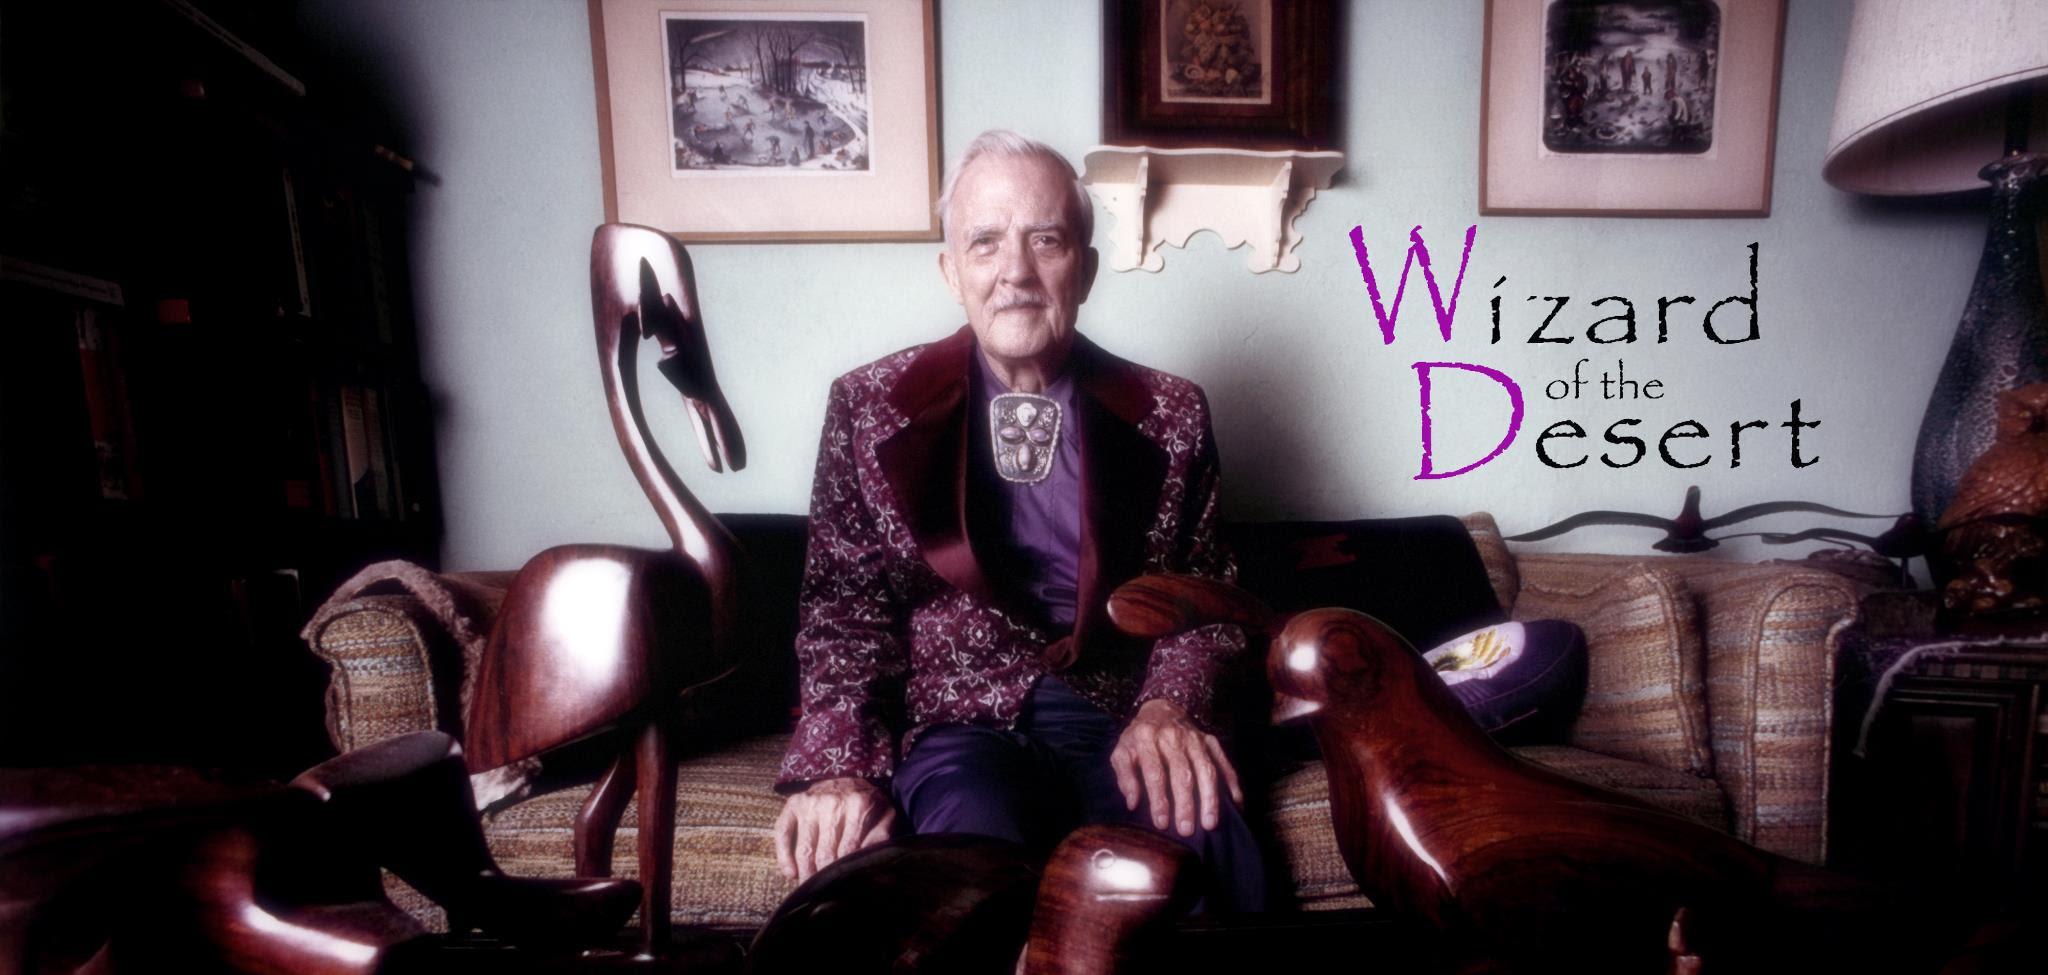 """FOTO: Dr. Milton Erickson, sentado, e uma inscrição na lateral direita com a frase: """"Wizard of the Desert""""."""